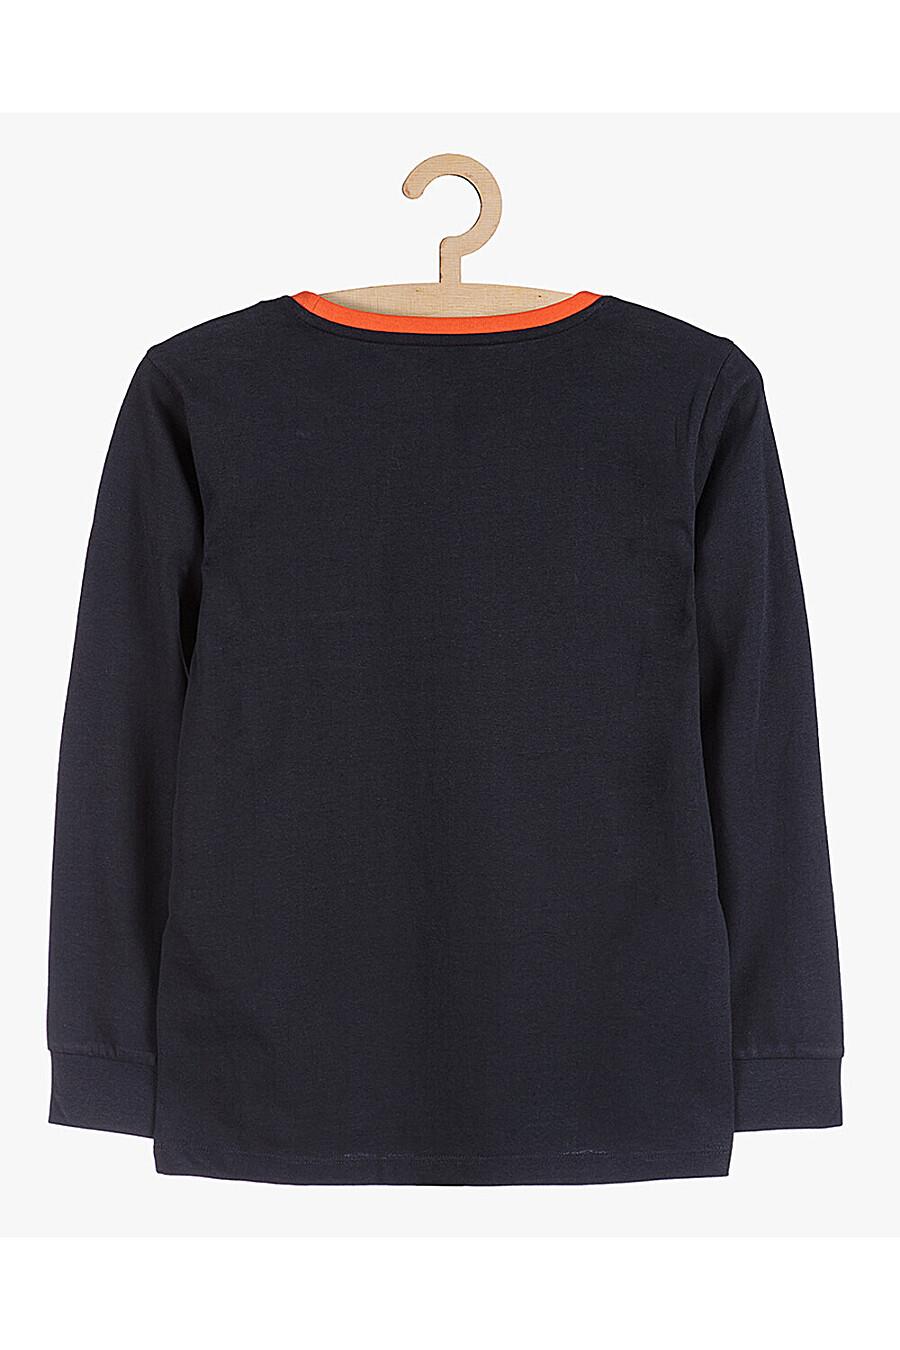 Лонгслив для мальчиков 5.10.15 321749 купить оптом от производителя. Совместная покупка детской одежды в OptMoyo